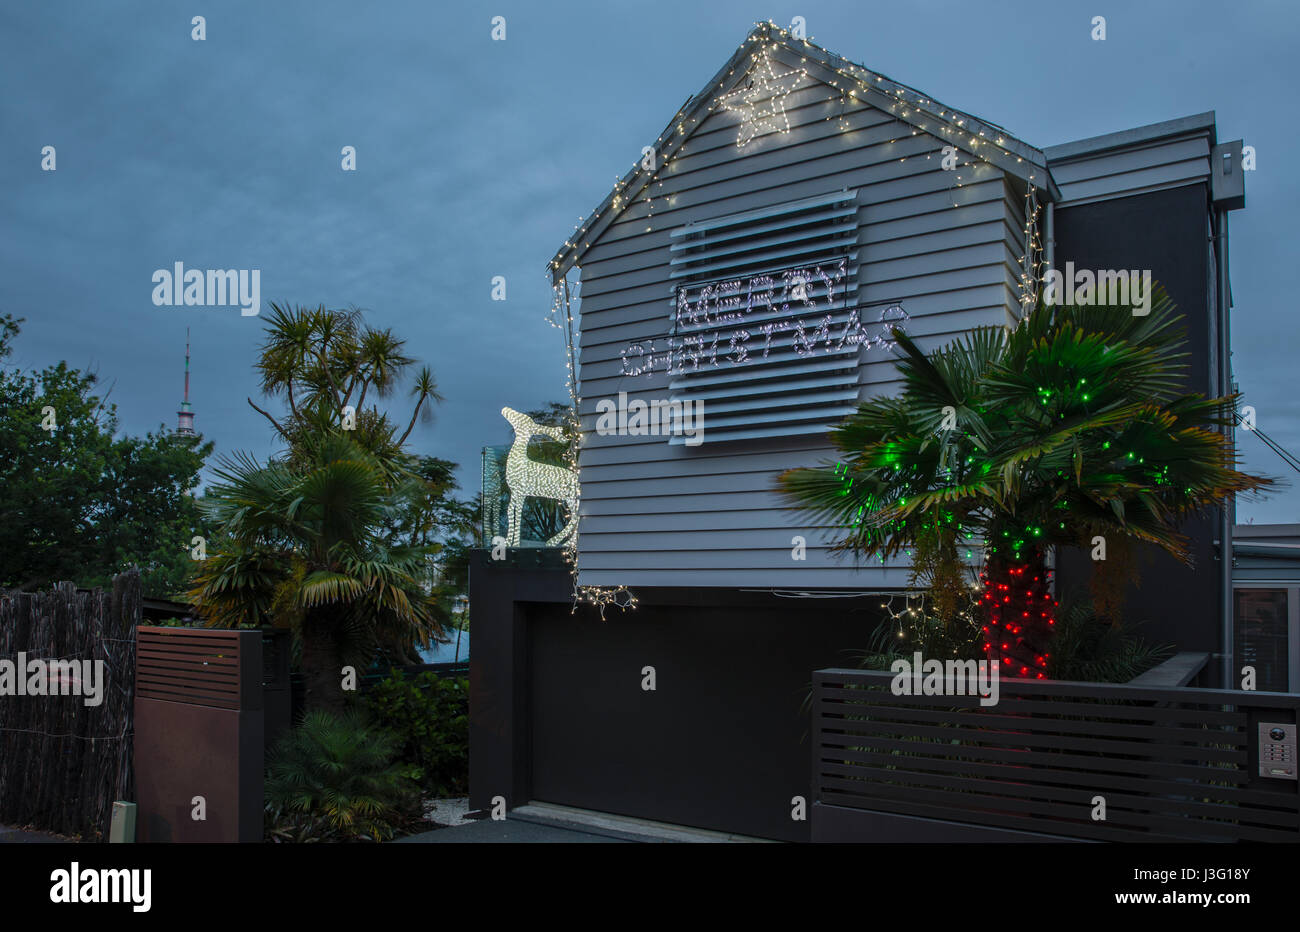 Weihnachtslichter schmücken Häuser in Franklin Road, Auckland ...